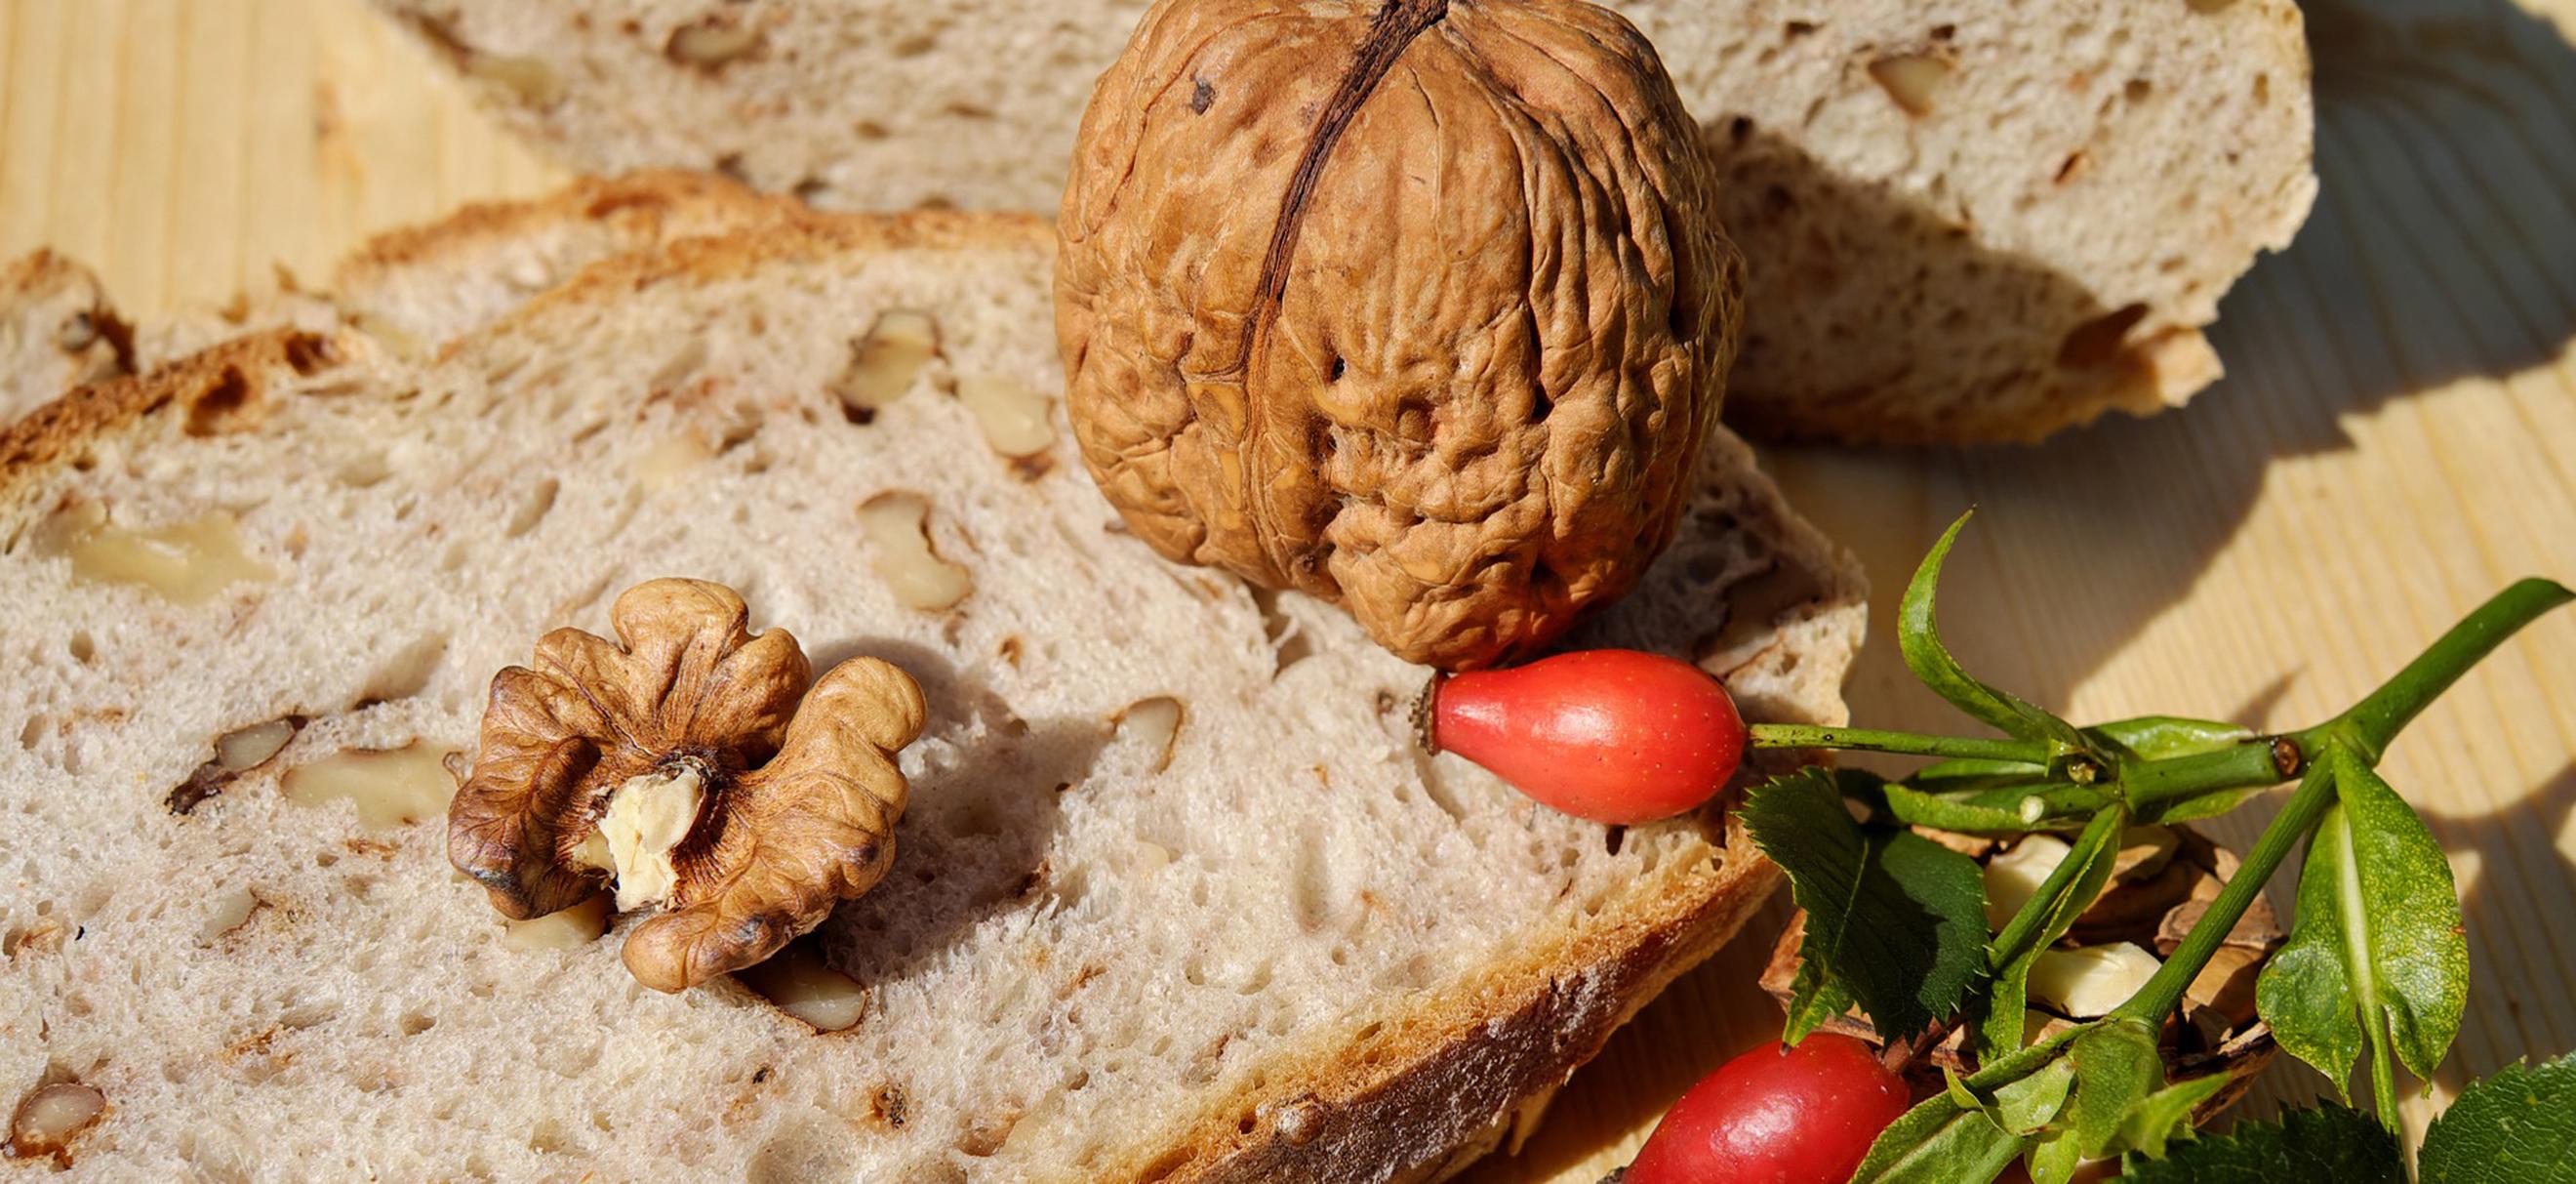 Nährstoffe, Ernährung, Kohlenhydrate, Eiweiß, Fett, Ballaststoffe, Energie, Vitamine, ausgewogene Ernährung, welche Nährstoffe, Nährstoffe für den Körper, Spurenelemente, Mineralstoffe, Lebensmittel, Essen